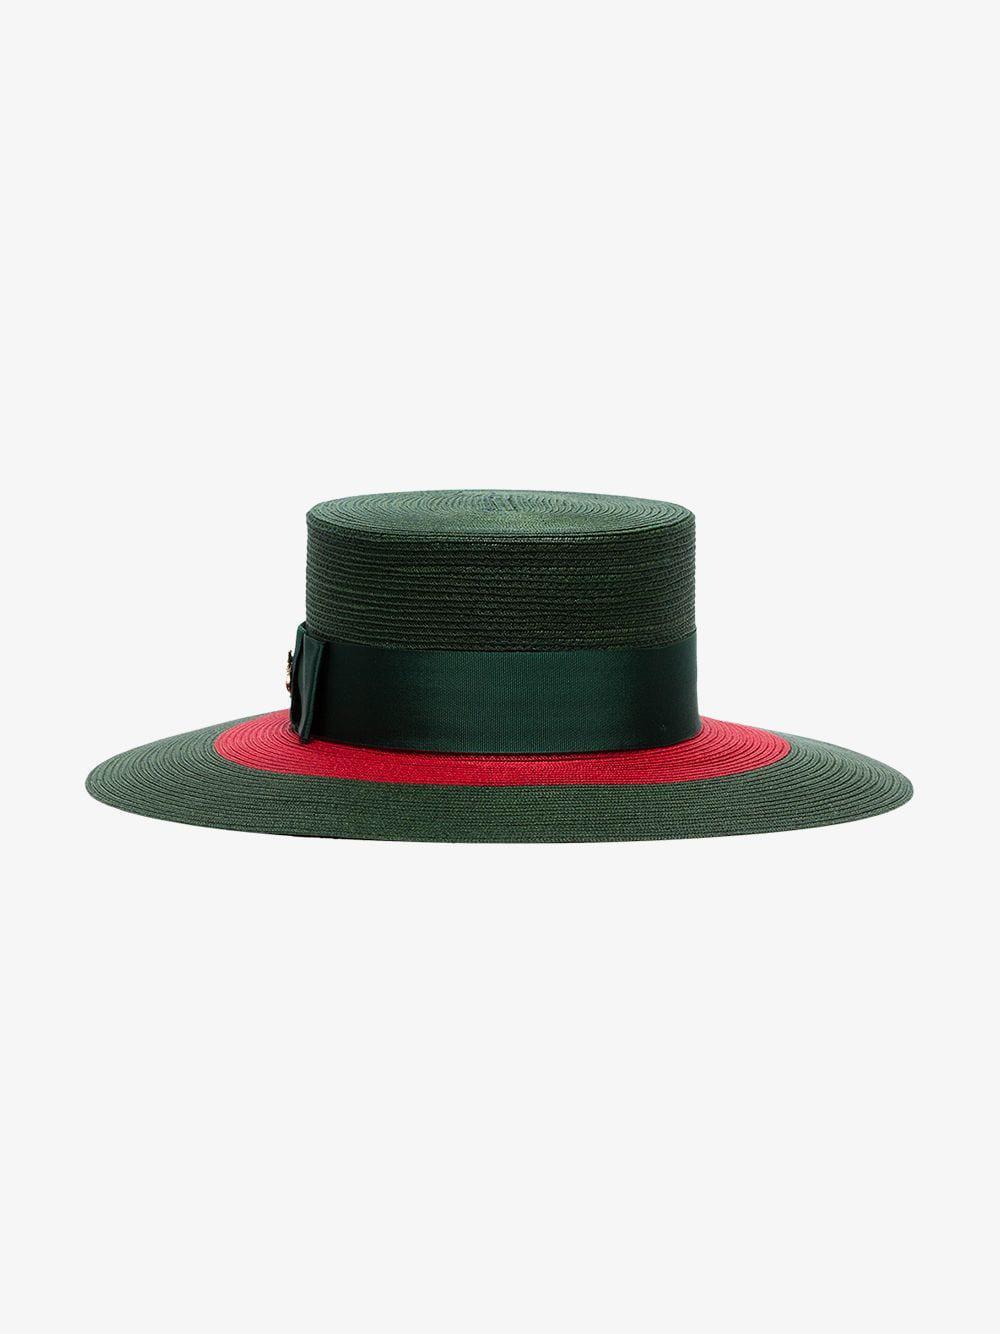 de49cd1aad7 Lyst - Gucci Gcci Grn Red Stripe Hat in Green